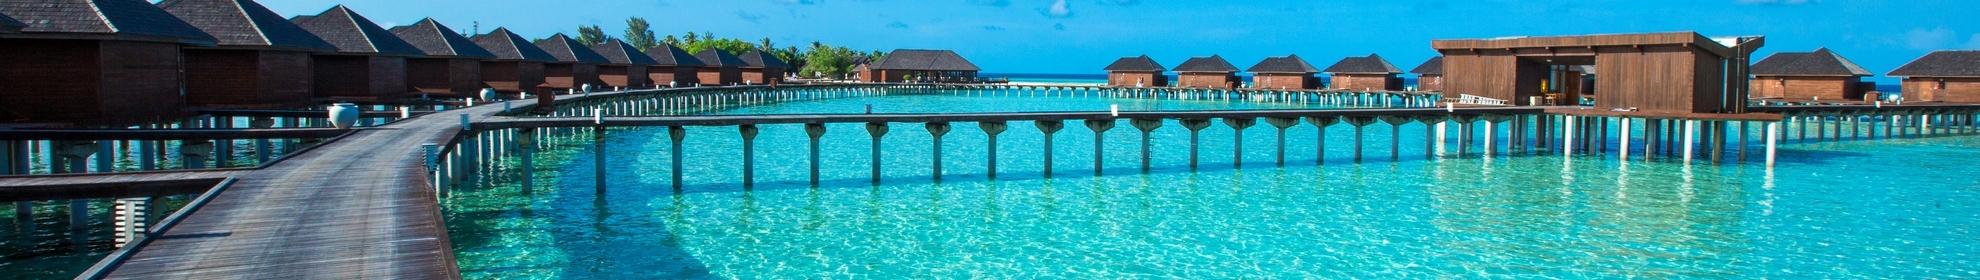 thulhagiri island resort north male atoll buchen im voraus und sparen. Black Bedroom Furniture Sets. Home Design Ideas